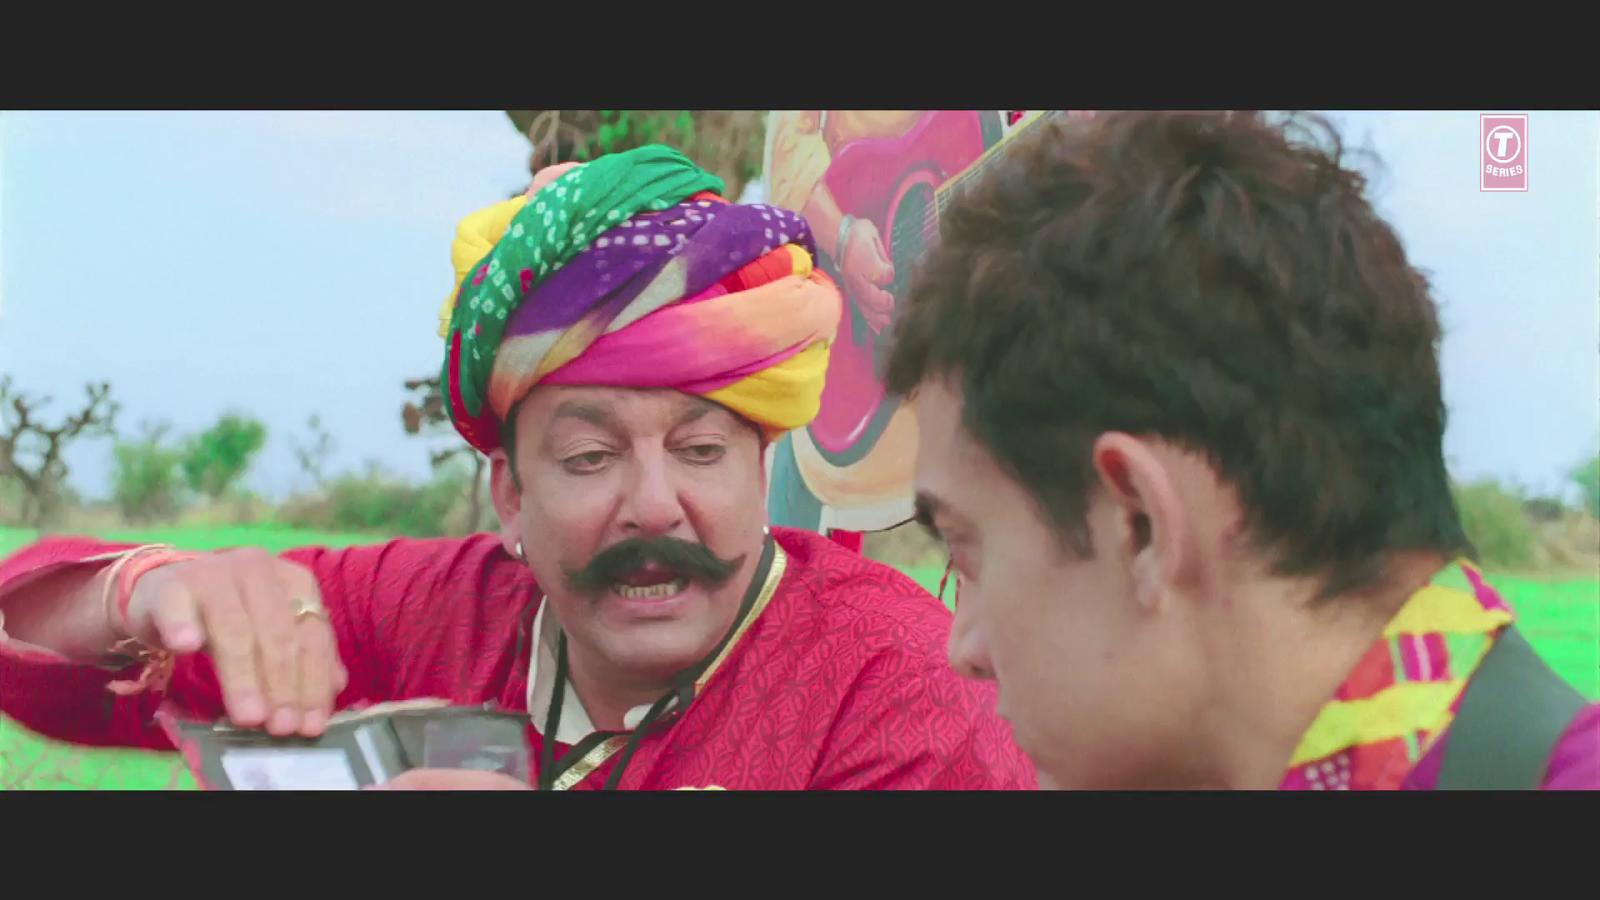 Tharki Chokro - PK (2014) ft. Aamir Khan Sanjay Datt 1080p Full HD Video Song Official